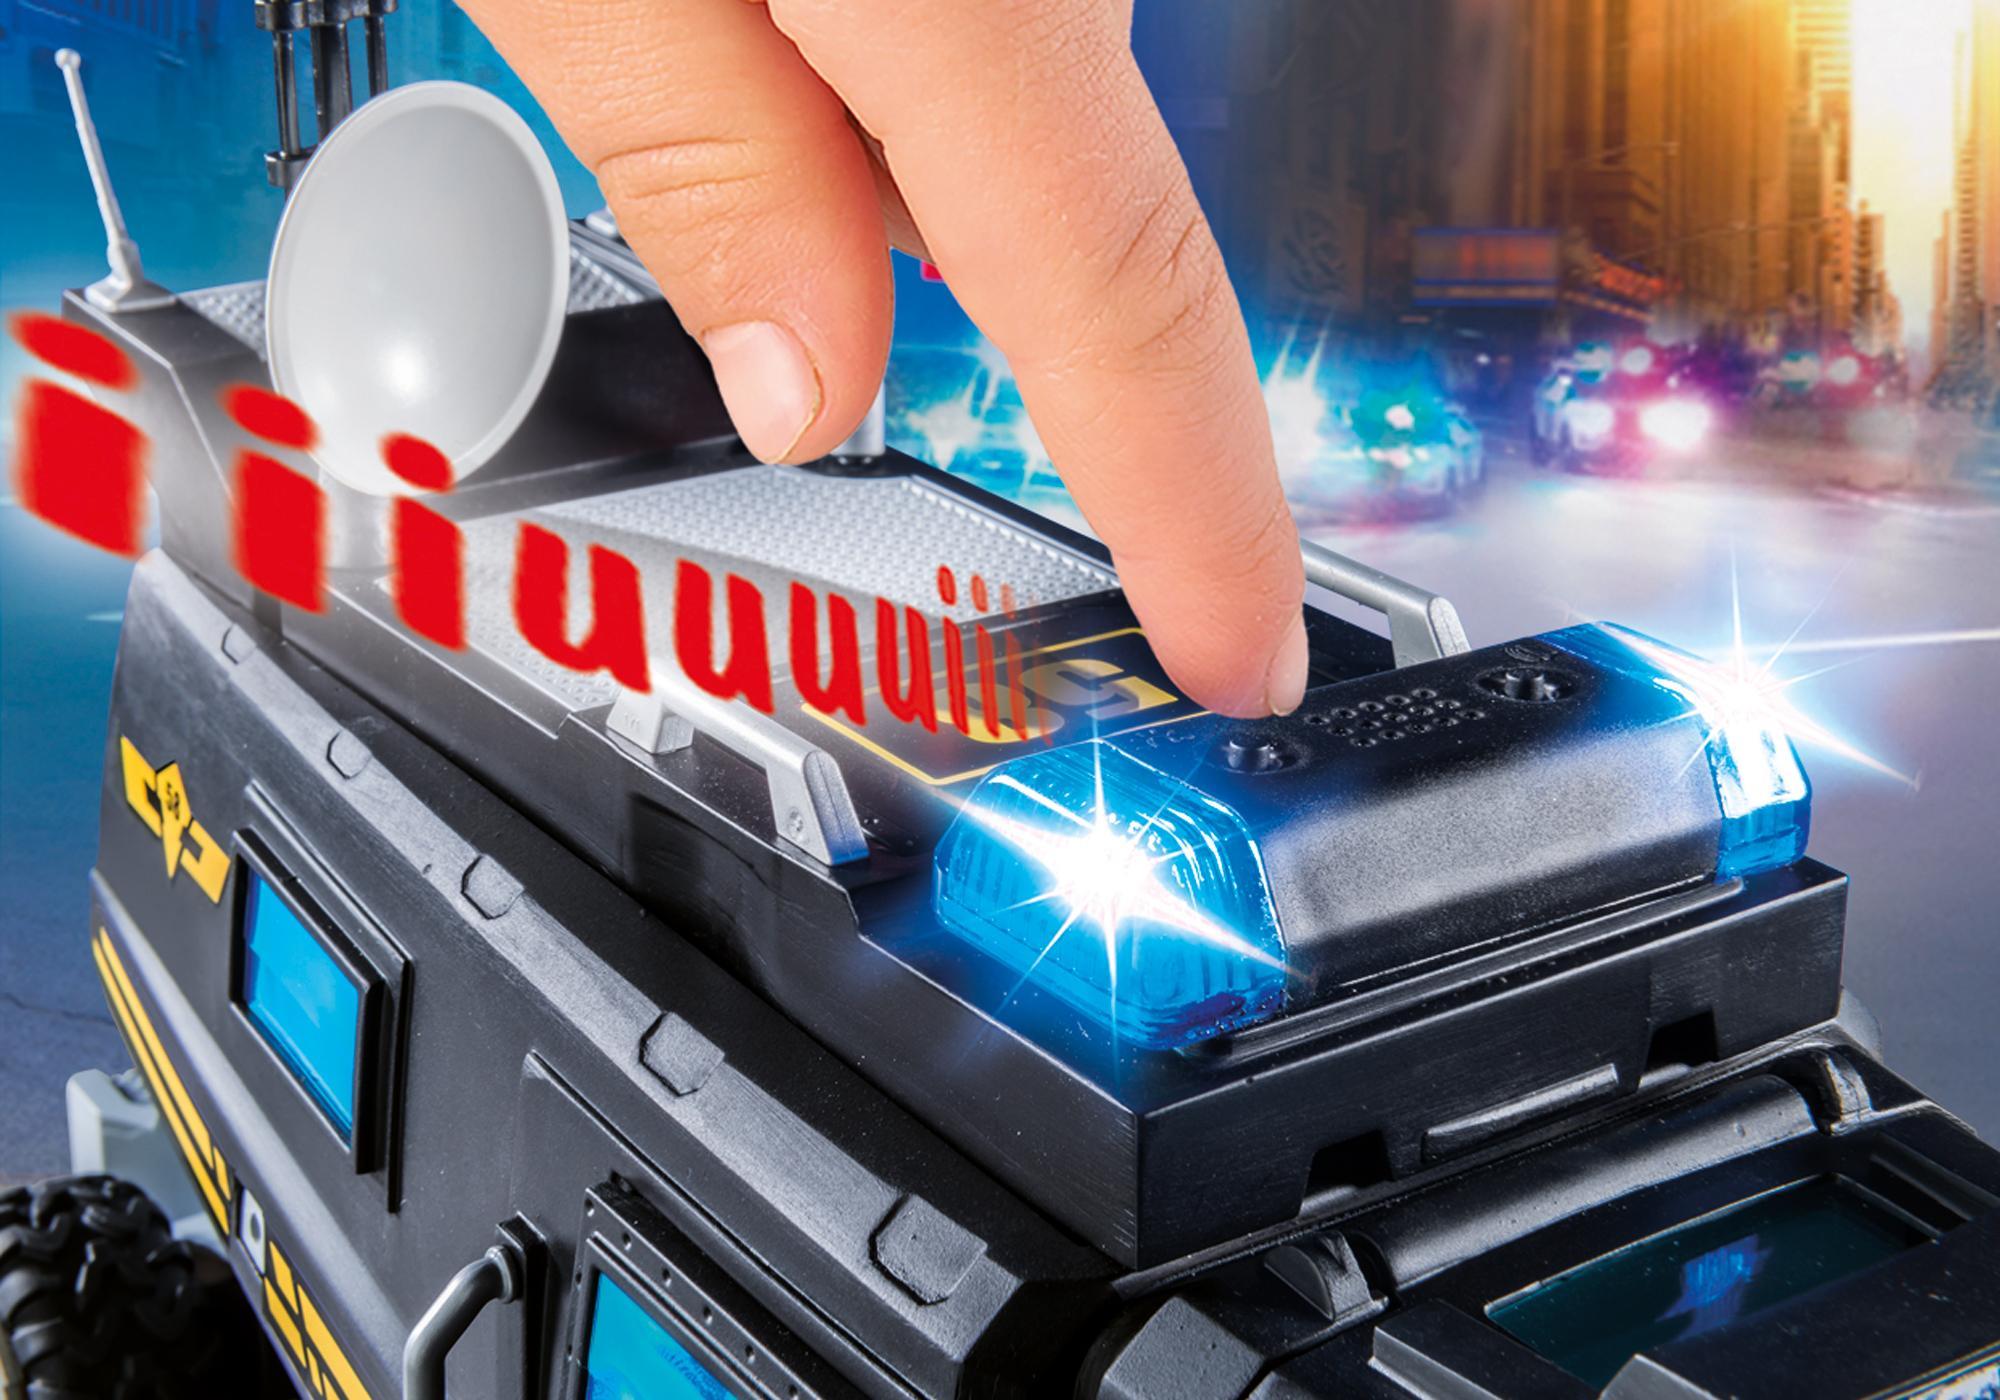 http://media.playmobil.com/i/playmobil/9360_product_extra1/Pojazd jednostki specjalnej ze światłem i dźwiękiem